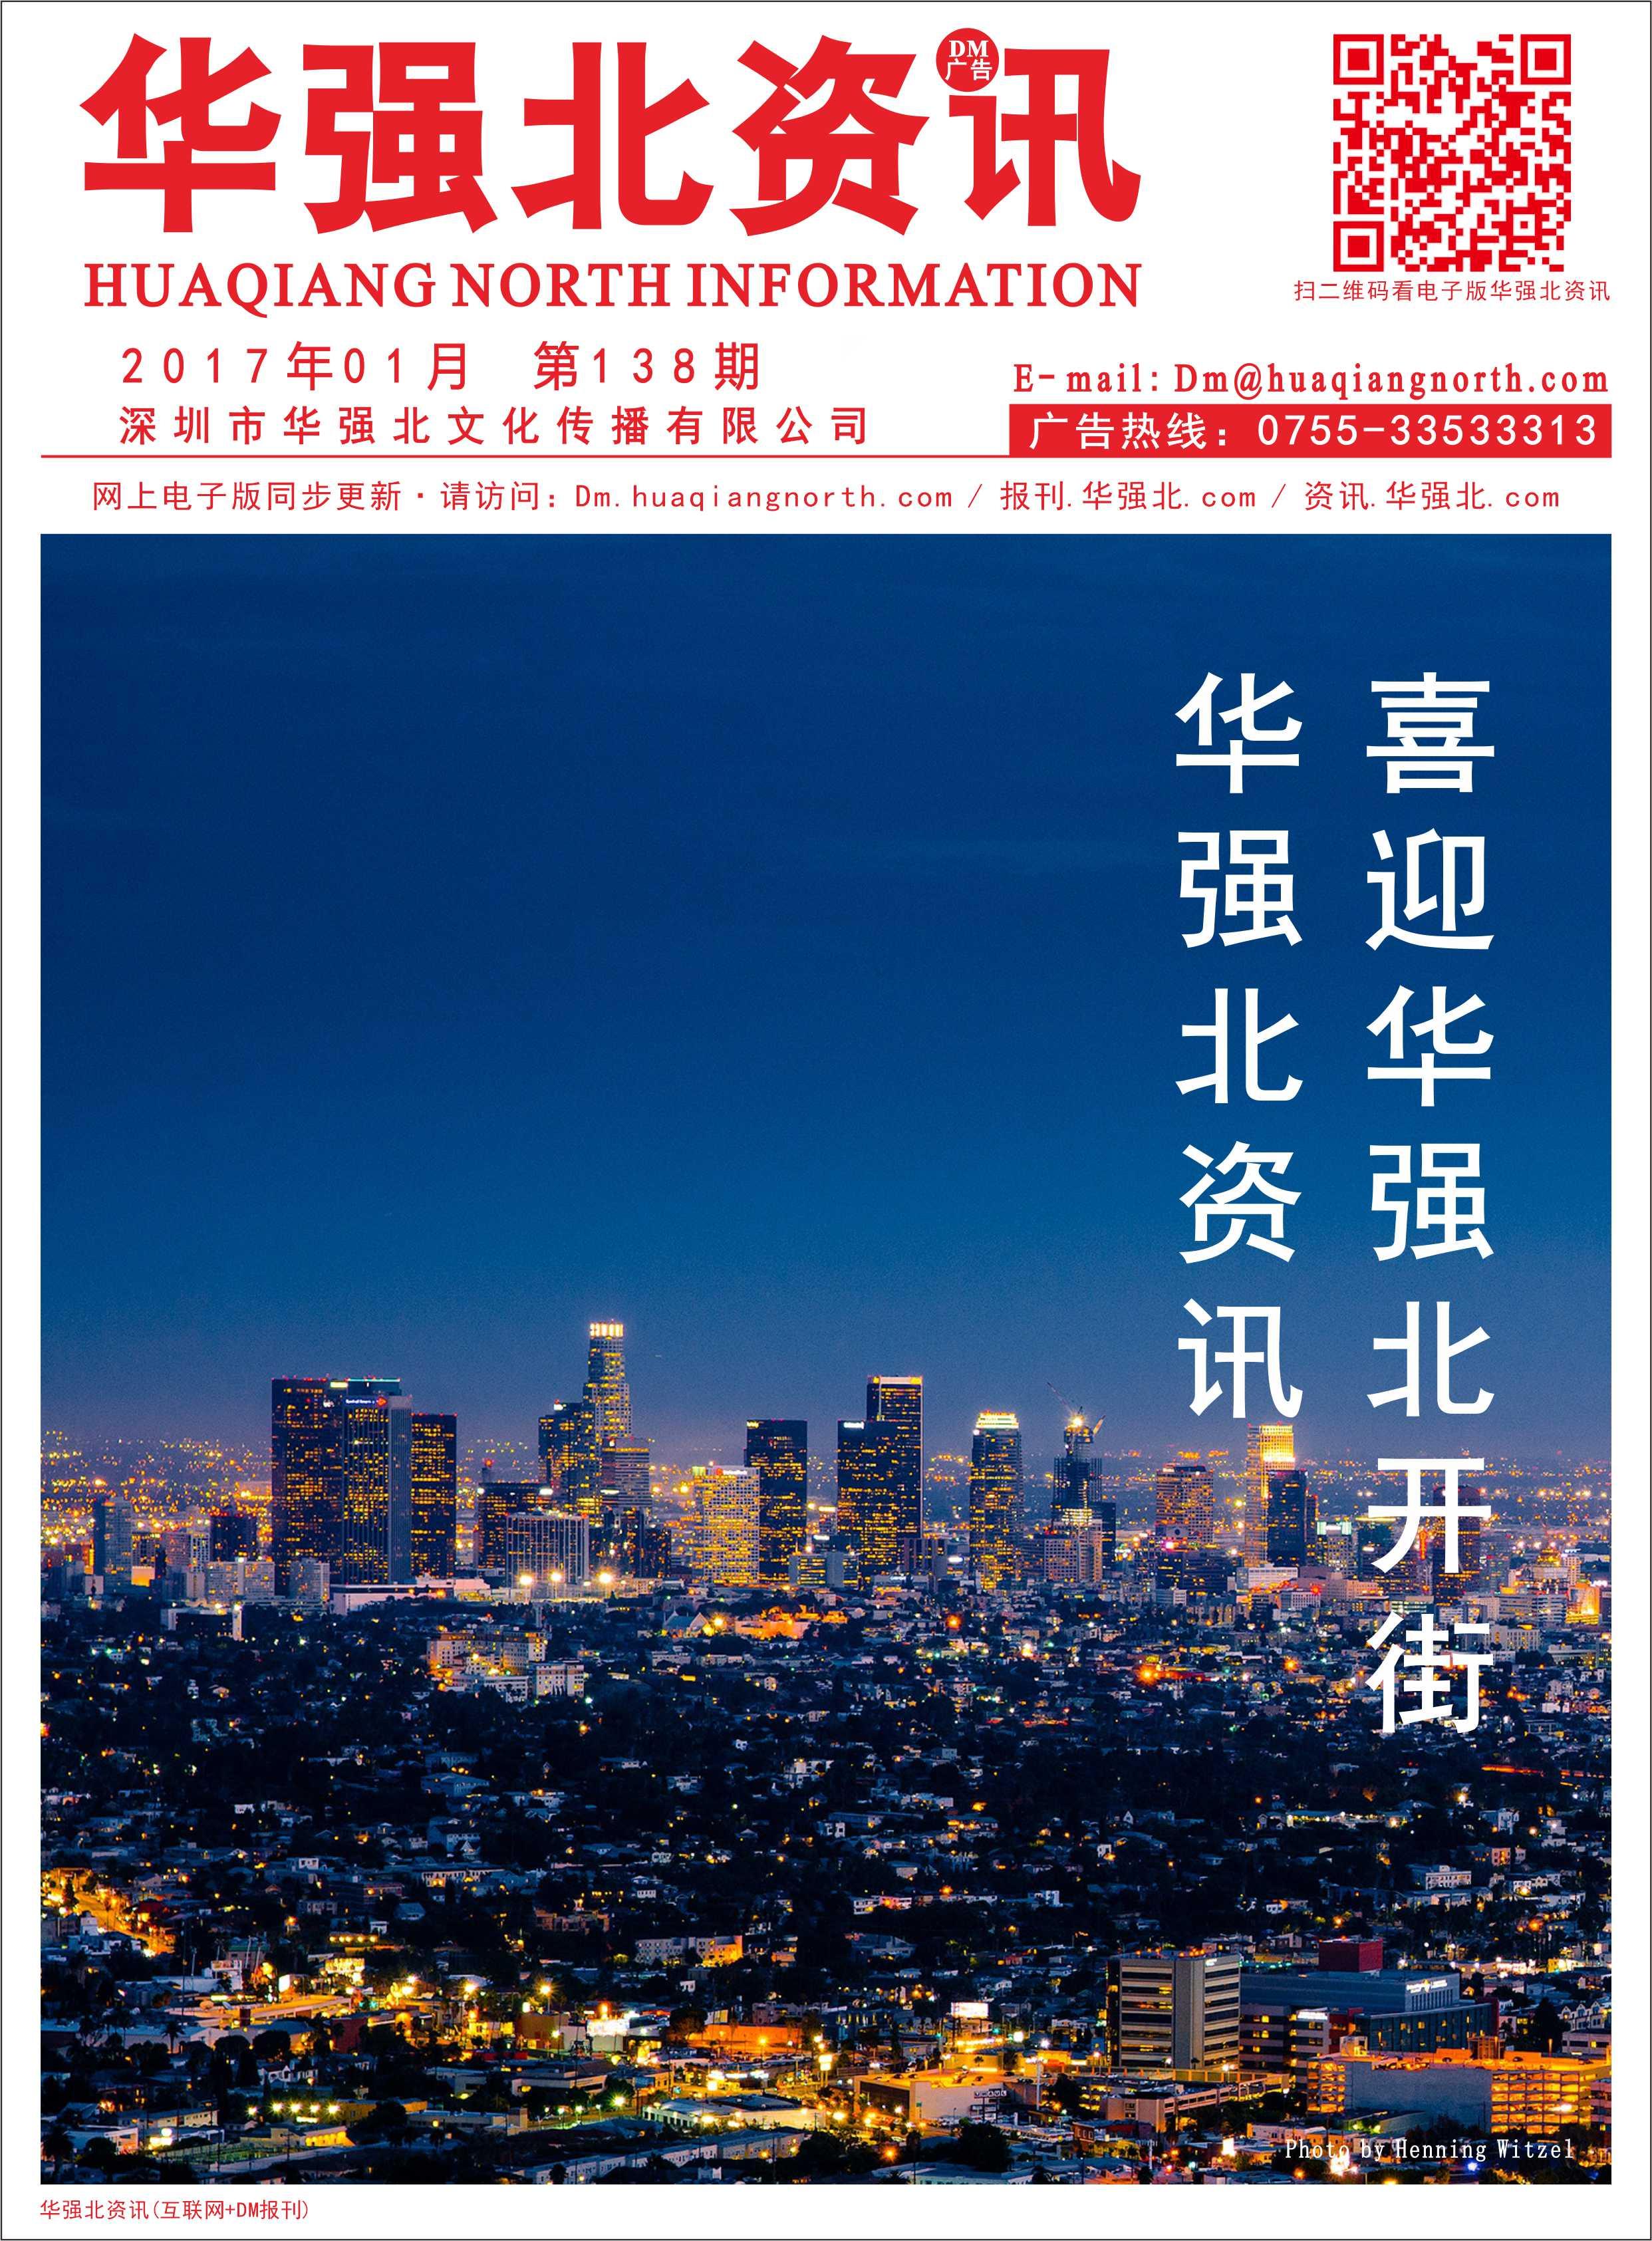 华强北资讯第138期